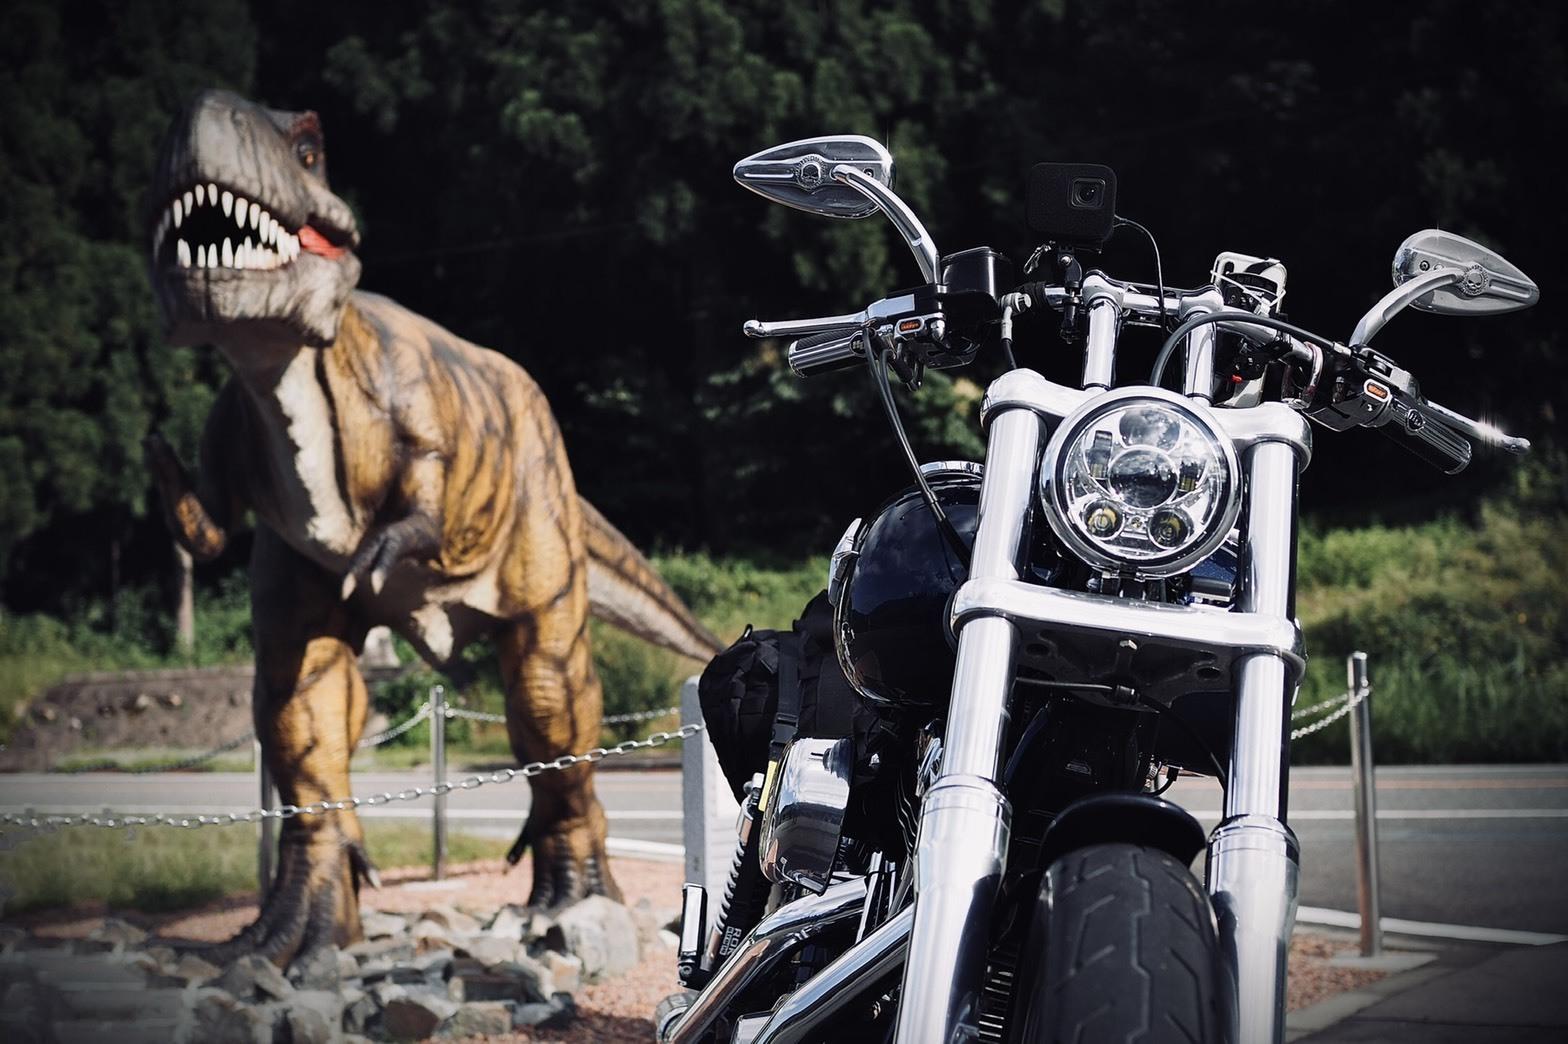 ぴーきちグルメブログ 石川県 レストラン手取川 福井勝山 恐竜博物館 ティラノザウルス